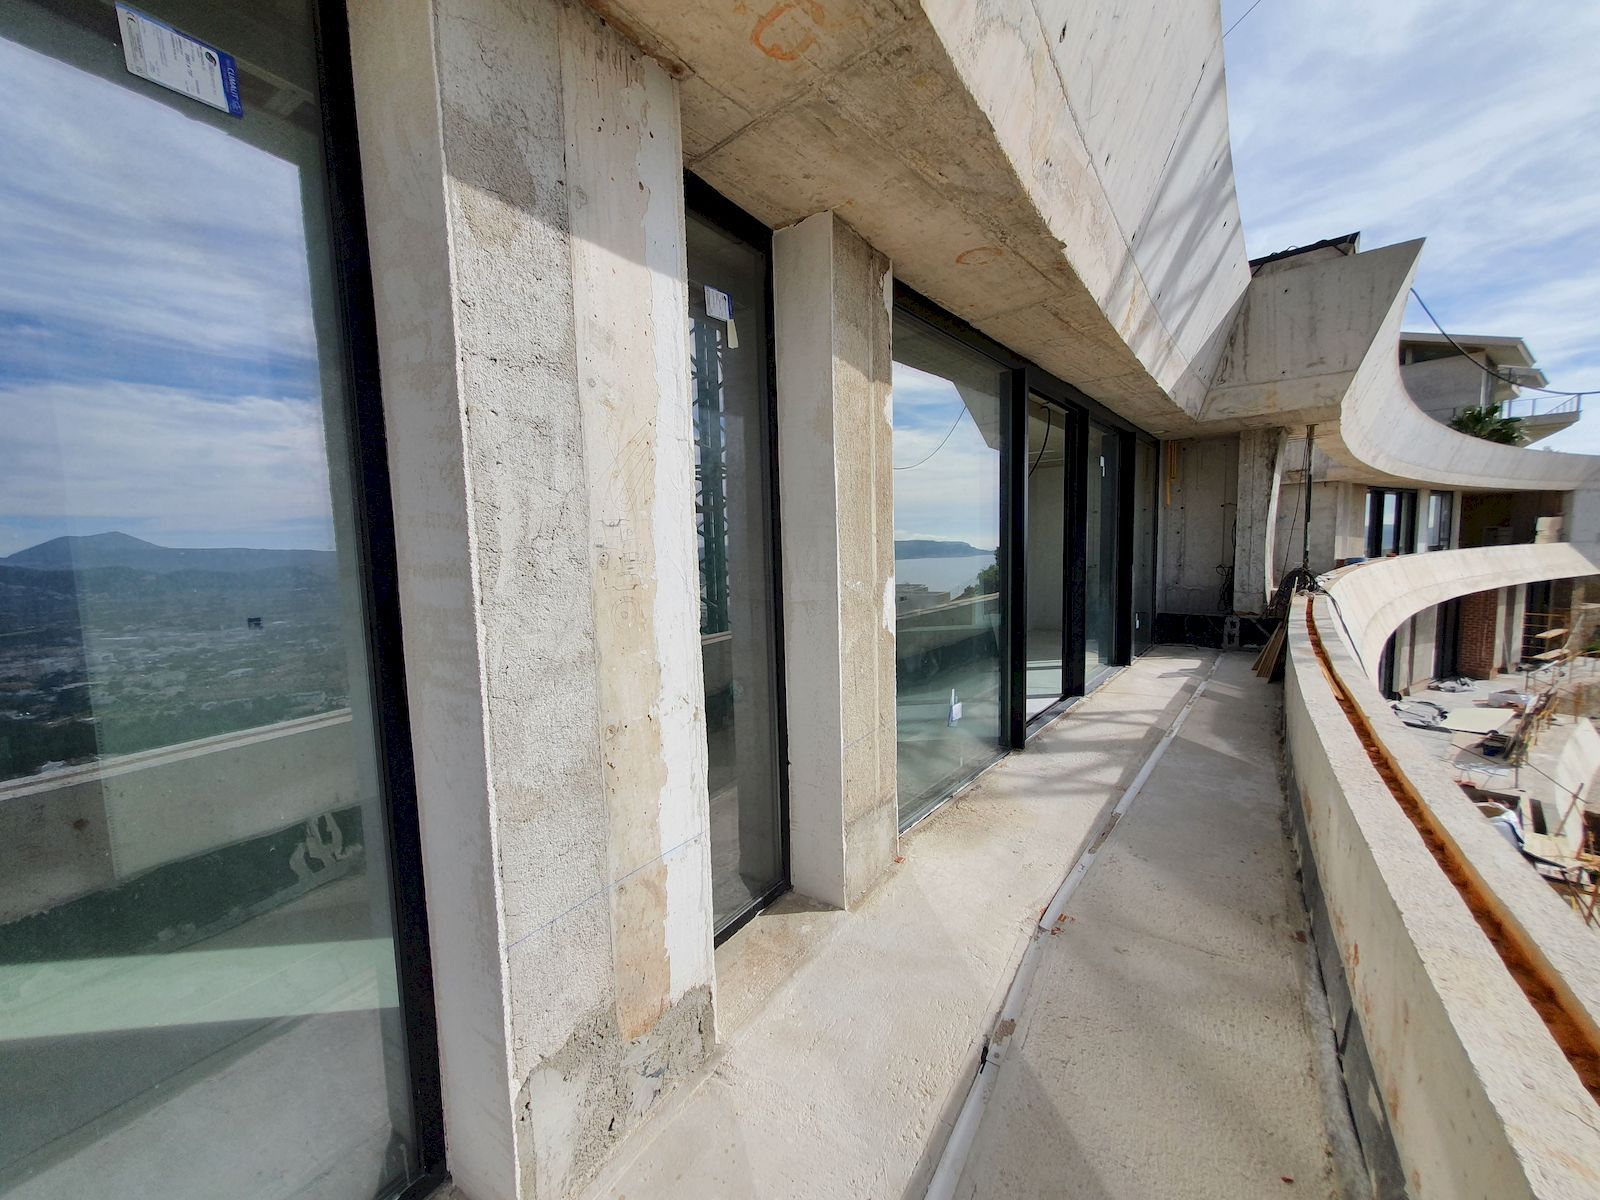 Villa de Estilo Moderno a la Venta en La Corona de Javea - Costa Blanca